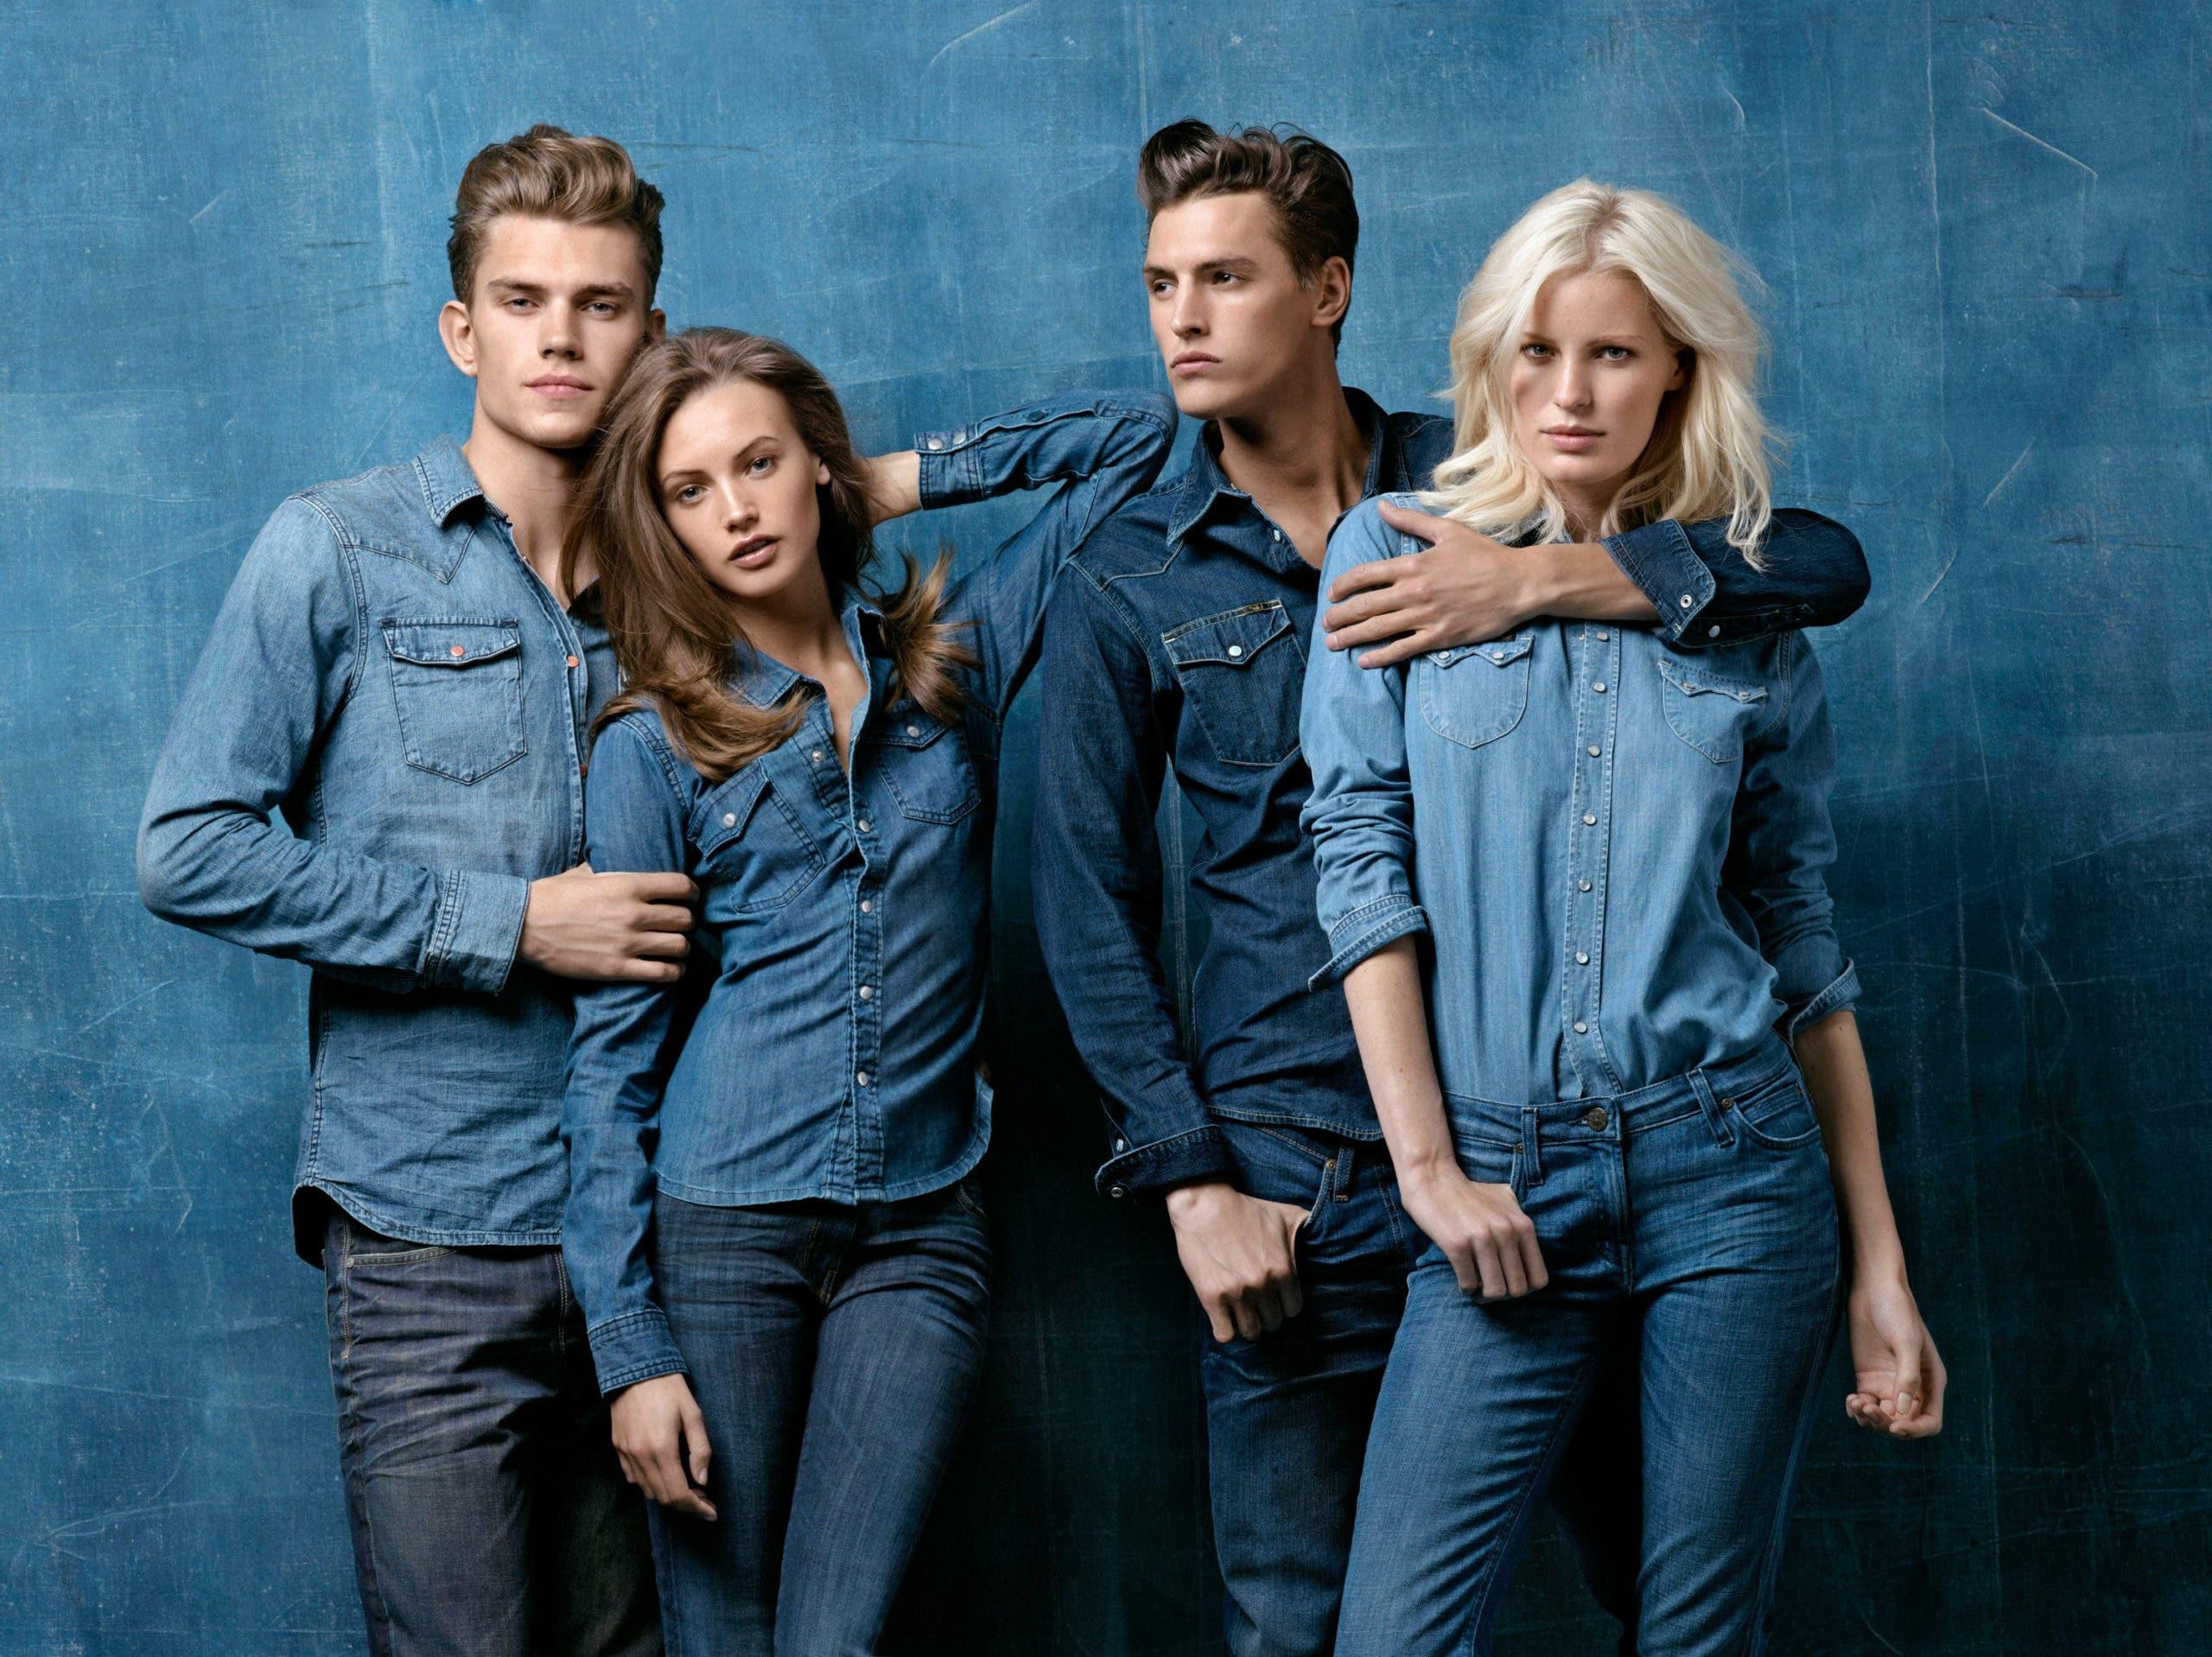 models jeans